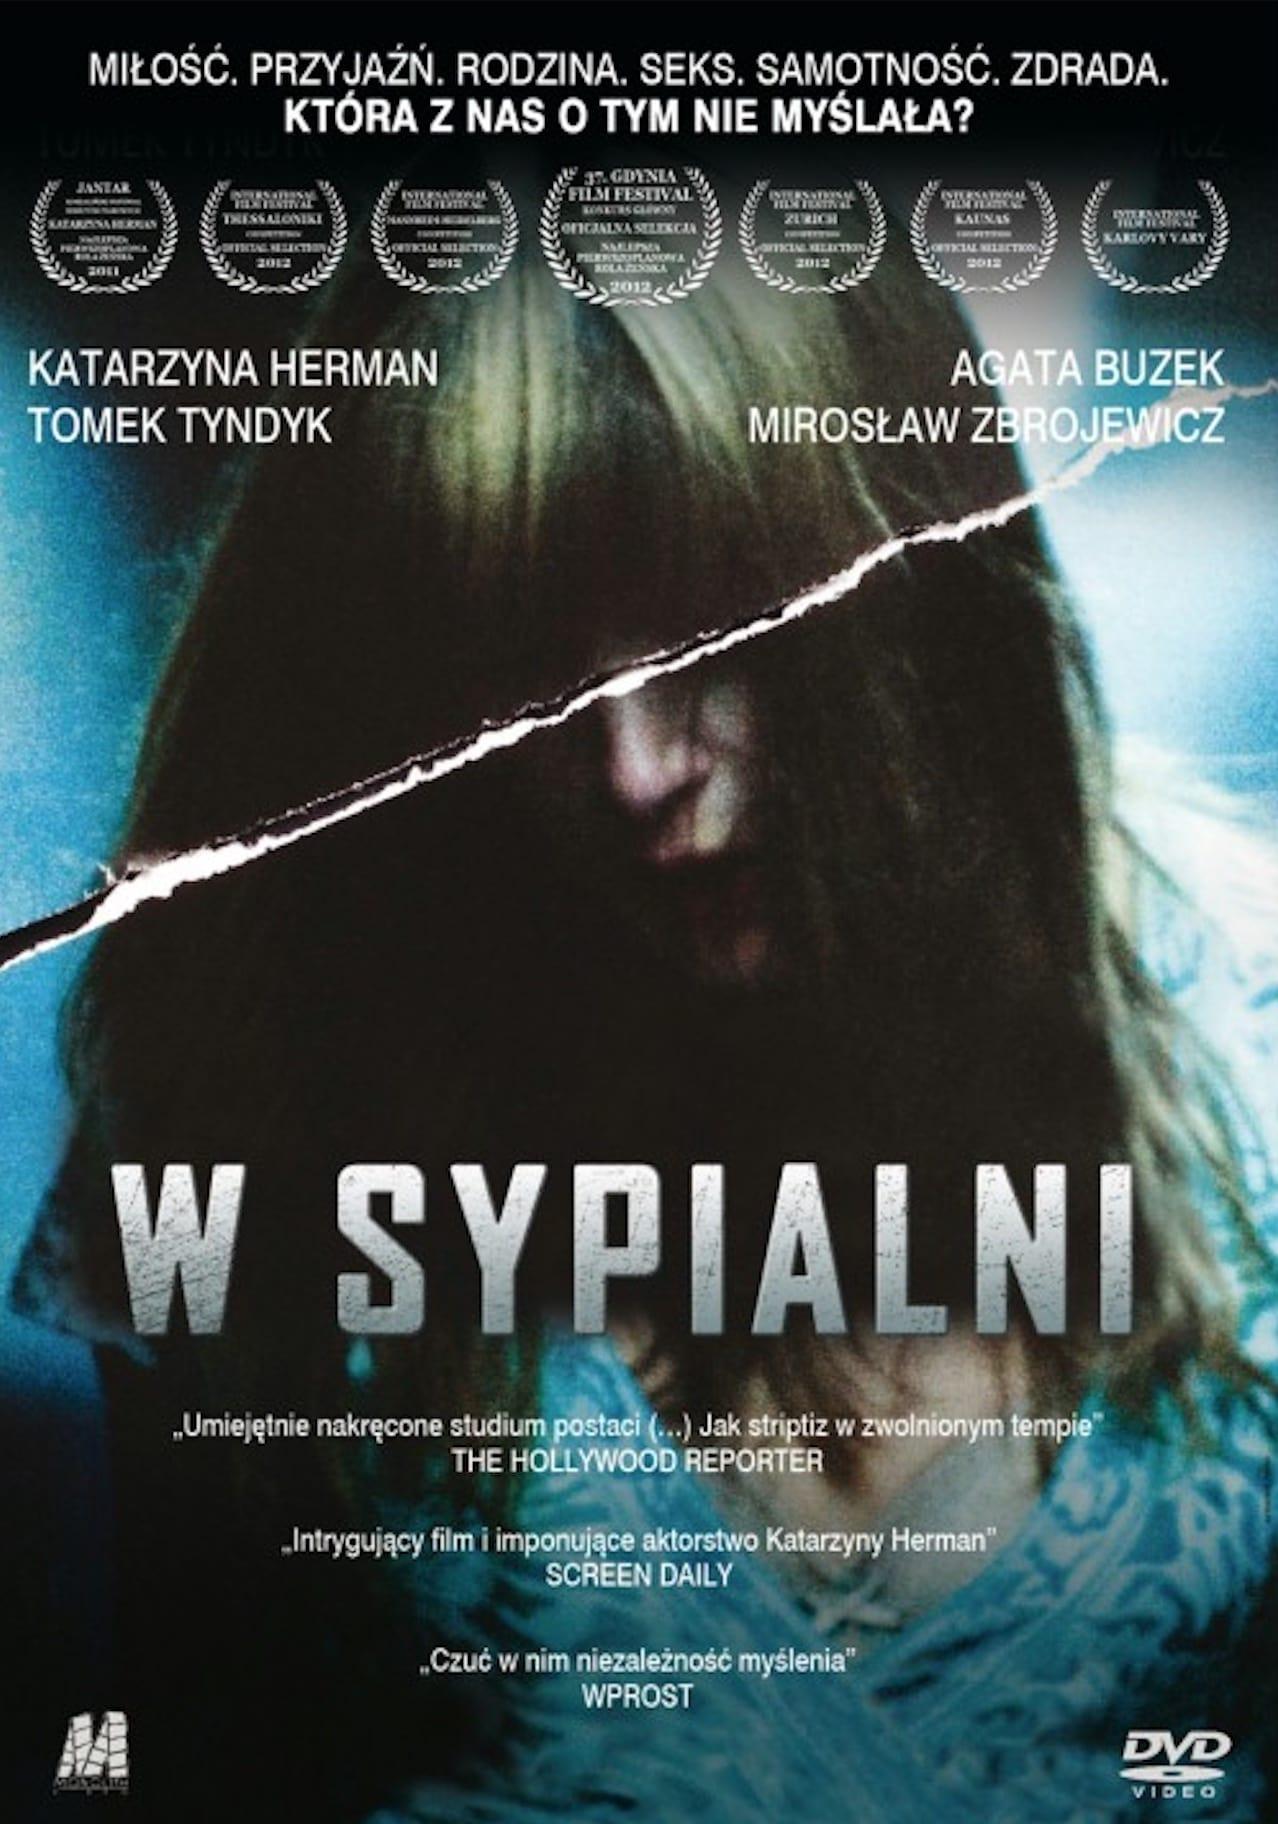 W sypialni (In the bedroom)